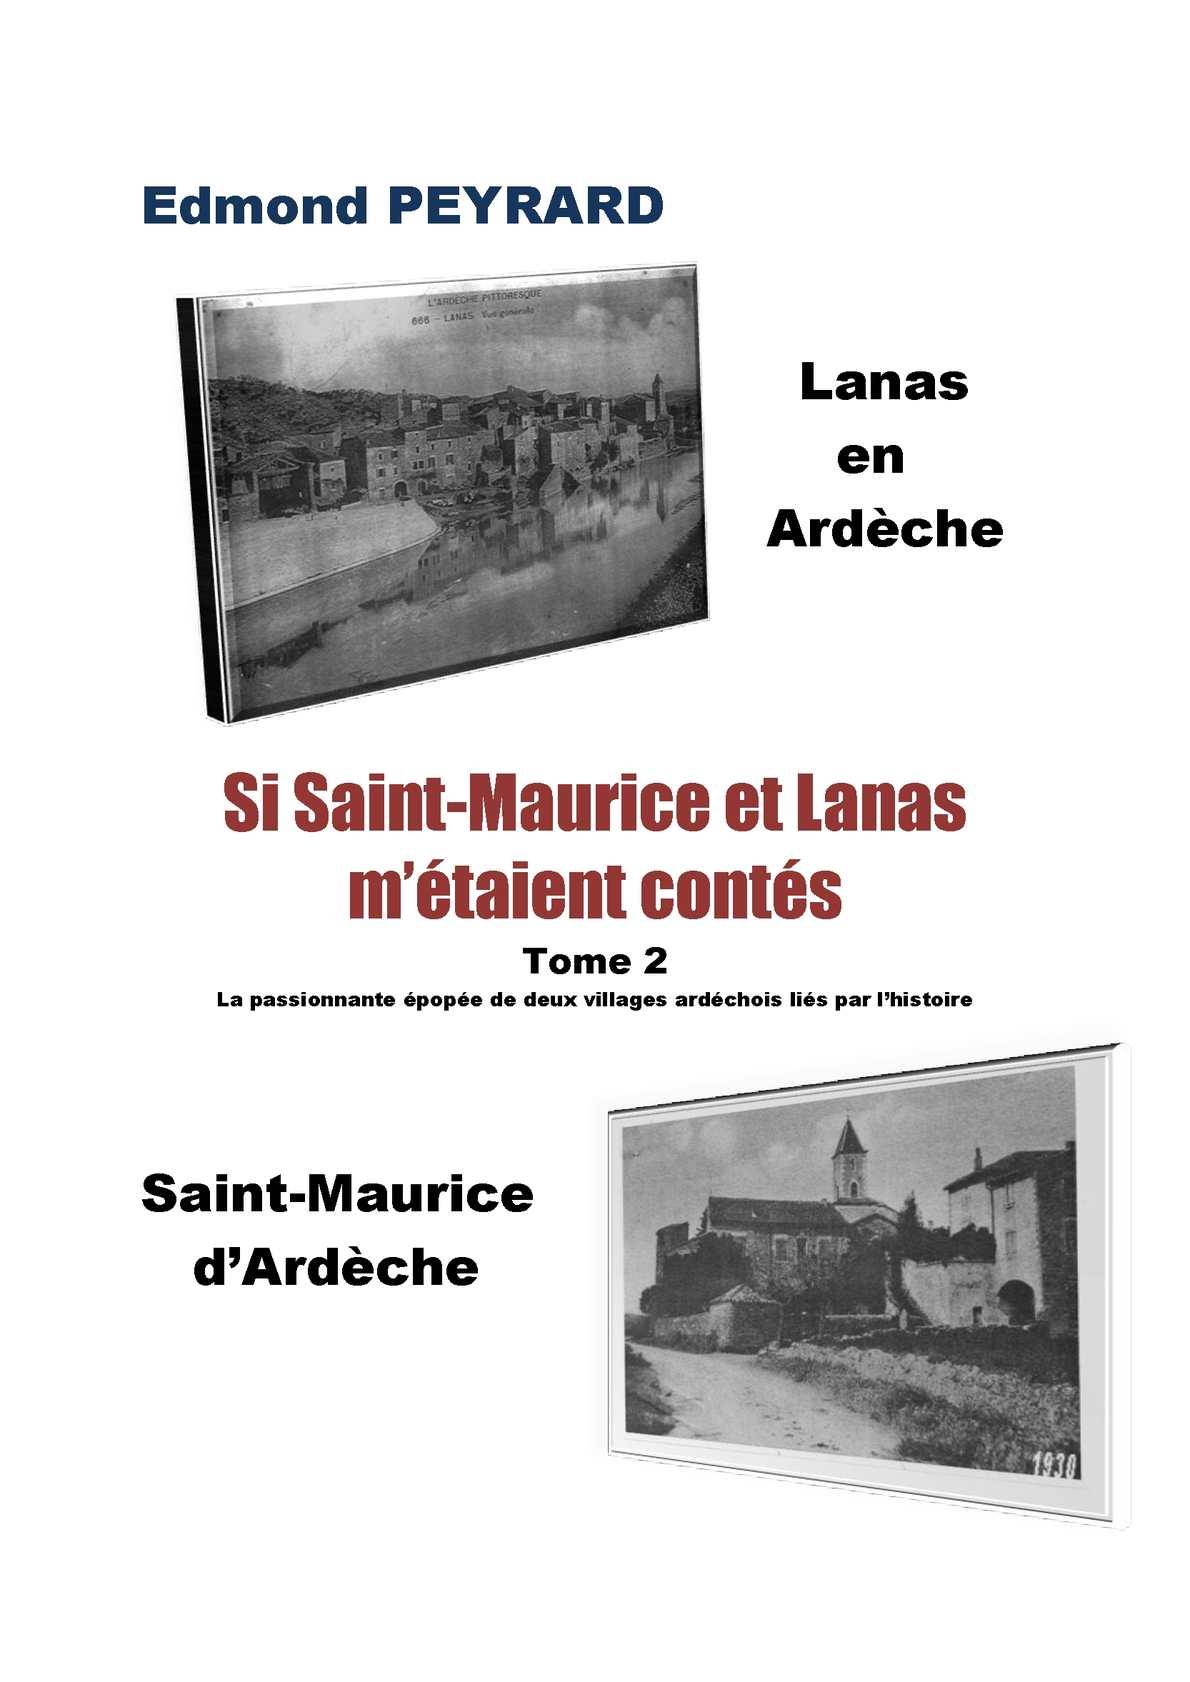 24917a78775f Calaméo - Tome 2 -Si Lanas et Saint-Maurice m étaient contés